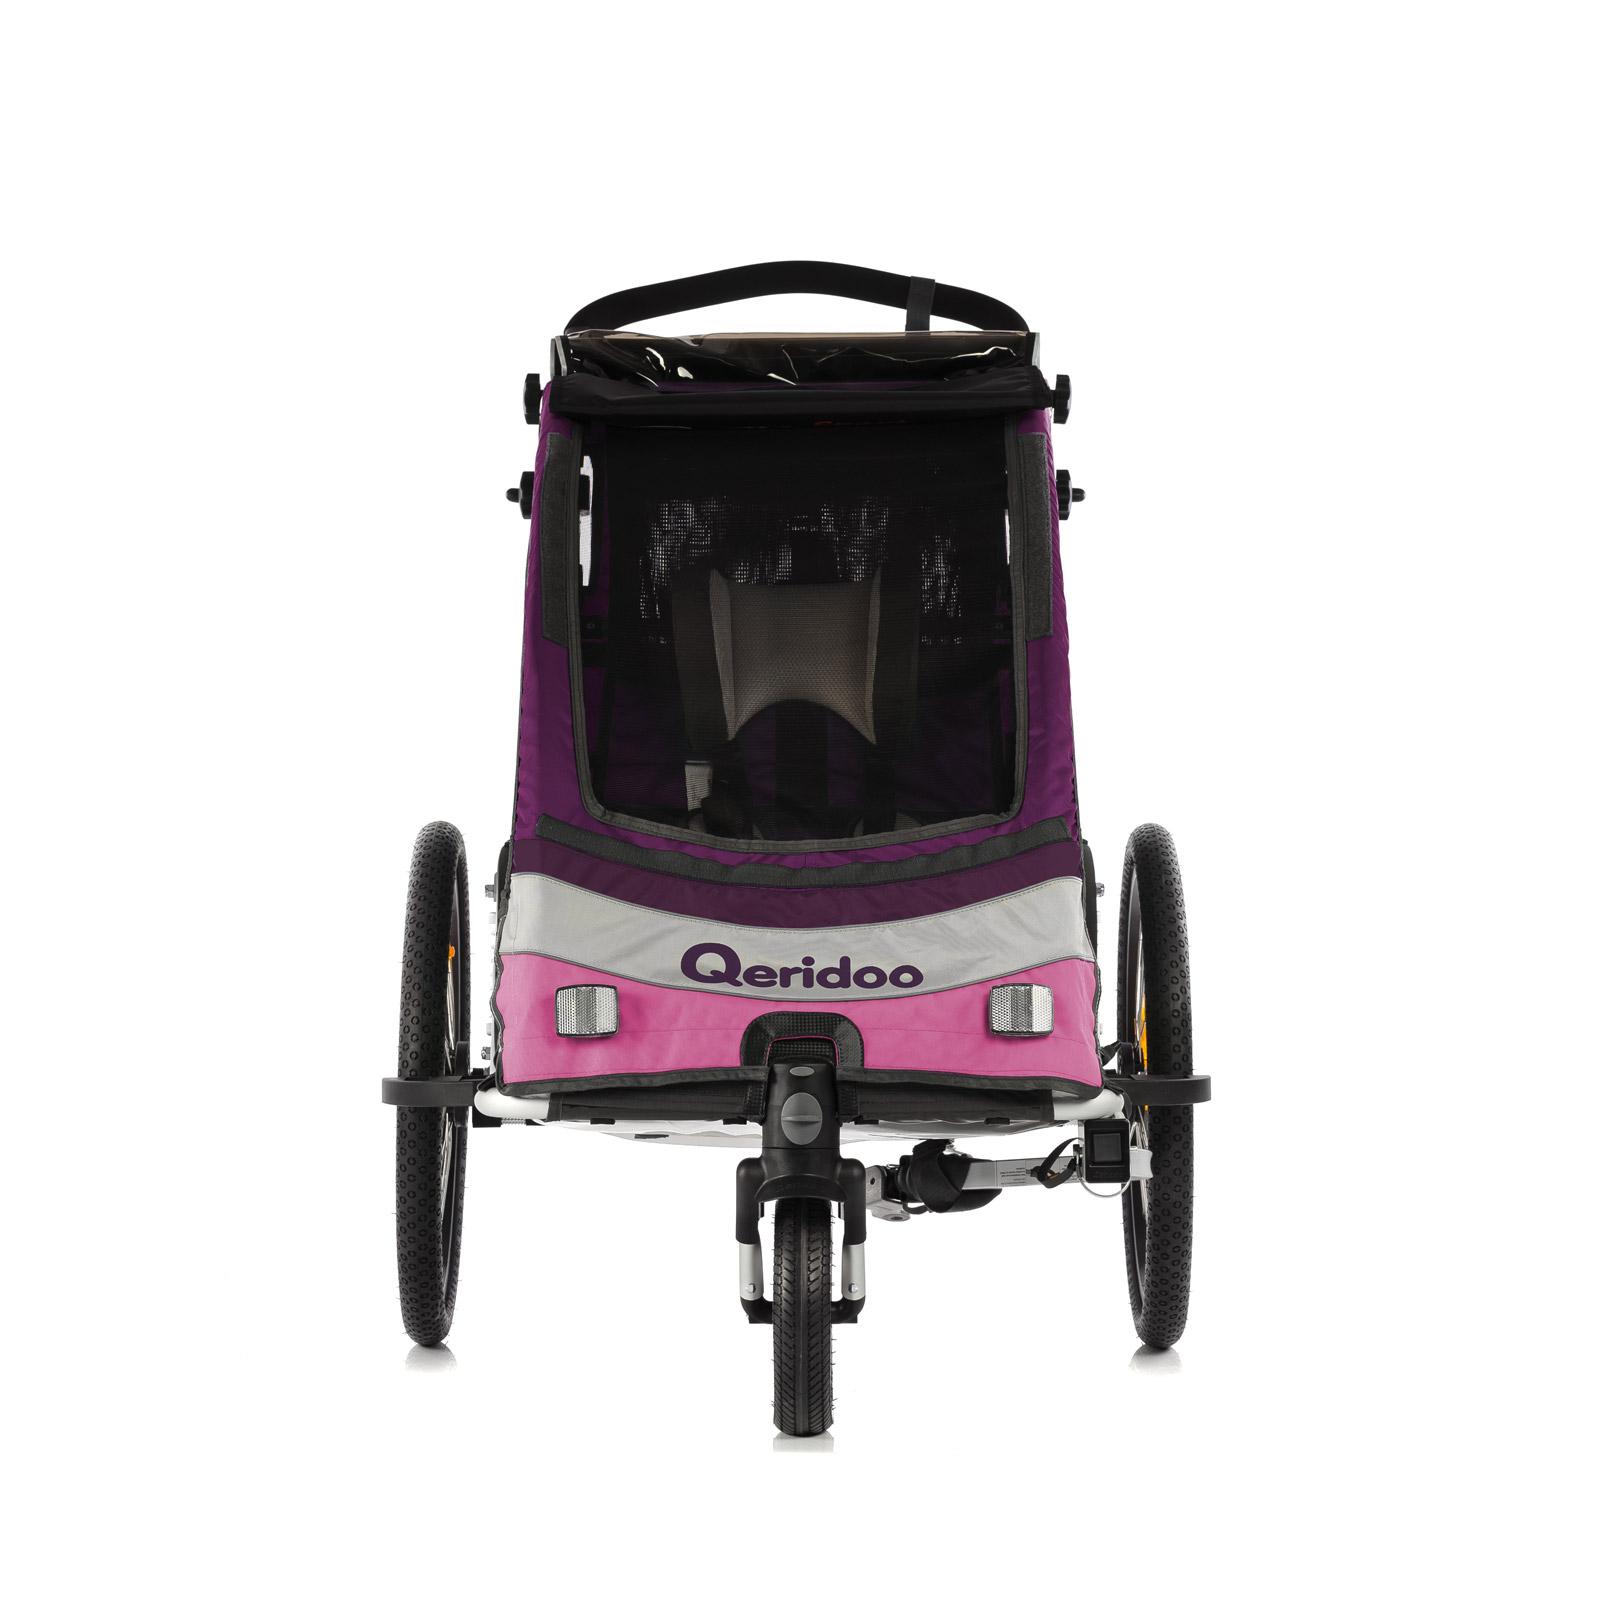 Fahrradanhänger Kinder QERIDOO Sportrex1 Kinderfahrradanhänger